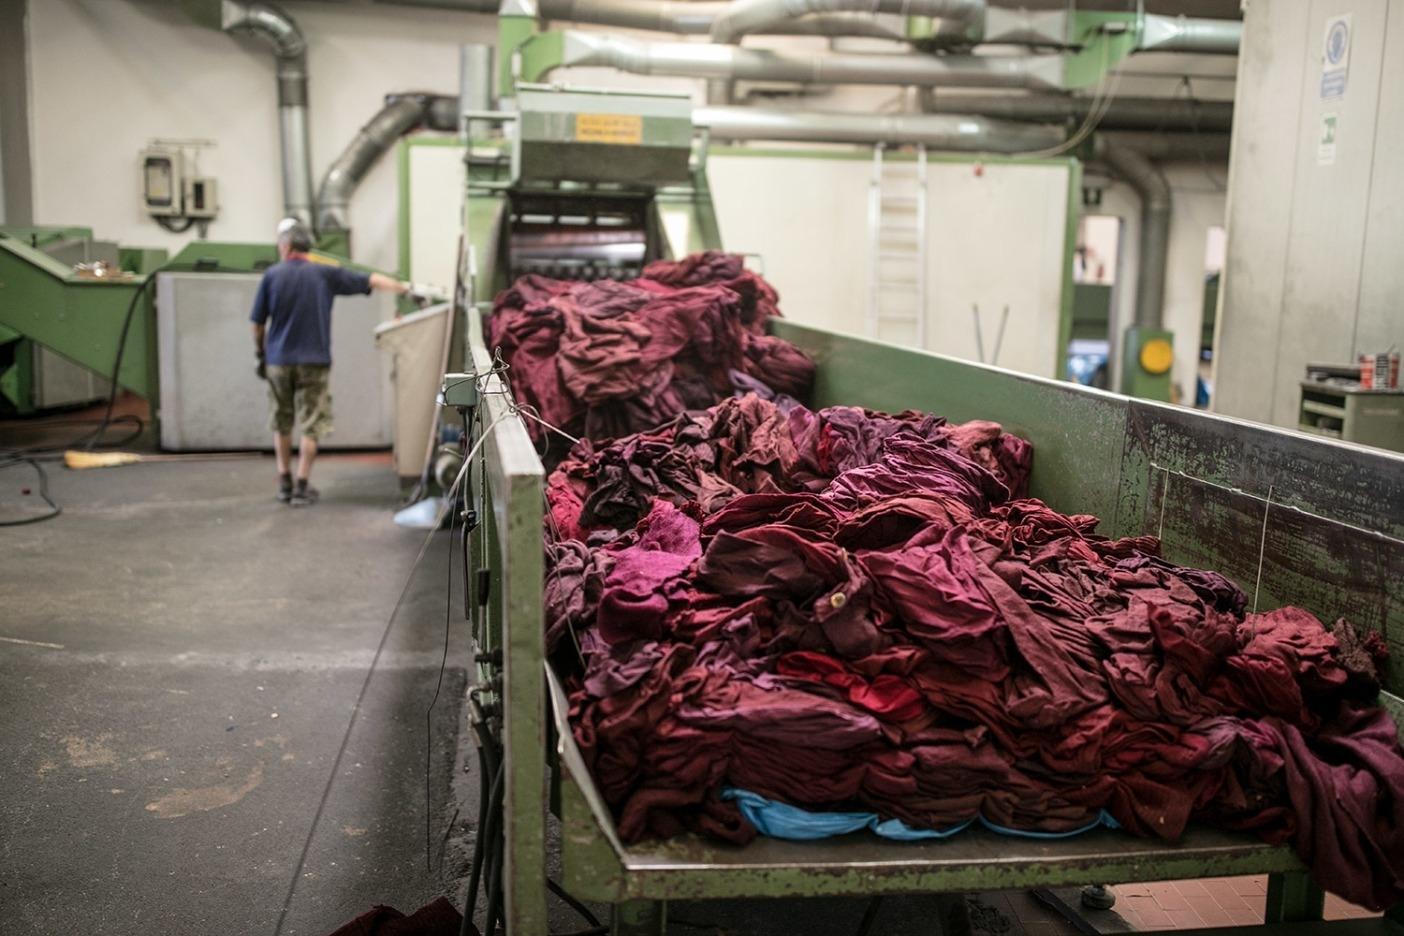 リサイクル・ウールは染色工程を省くことが可能なため、染料や化学薬品の使用をなくし、排水量も削減する。Photo: Tim Davis